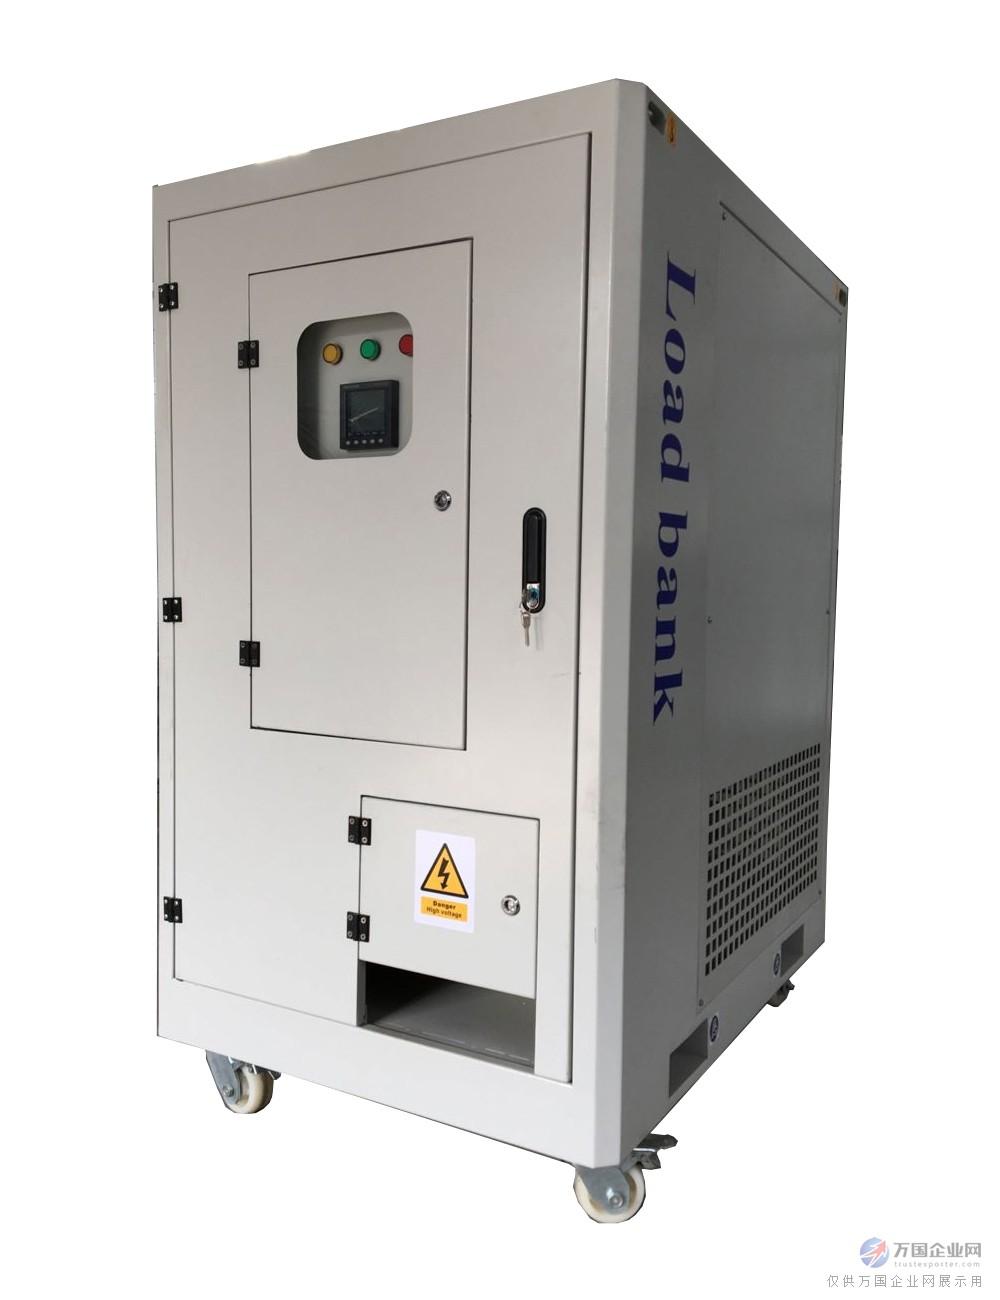 干式负载箱是我公司独自研发的电能负荷测试装置:操作容易、体积小、运输方便、可视负荷容量大小、并联电阻堆的电路增减负荷容量。调节负荷容量有手动型和电脑控制型。与传统水负荷和电阻片负载箱相比,无漏电、不产生有害气体和废水。负荷测试精度高,调节更容易,无需测试准备时间,可连续长期使用等诸多优越性。 干式阻性负载箱内部分为2个区域,前为电阻控制室、主电路元器件安装室,后部为为电阻安装位置。电阻区有独立的冷却风机,保证了整个系统的散热和使用寿命。电阻管为我公司独自研发定型,每根电阻元件的阻值和容量的误差1.